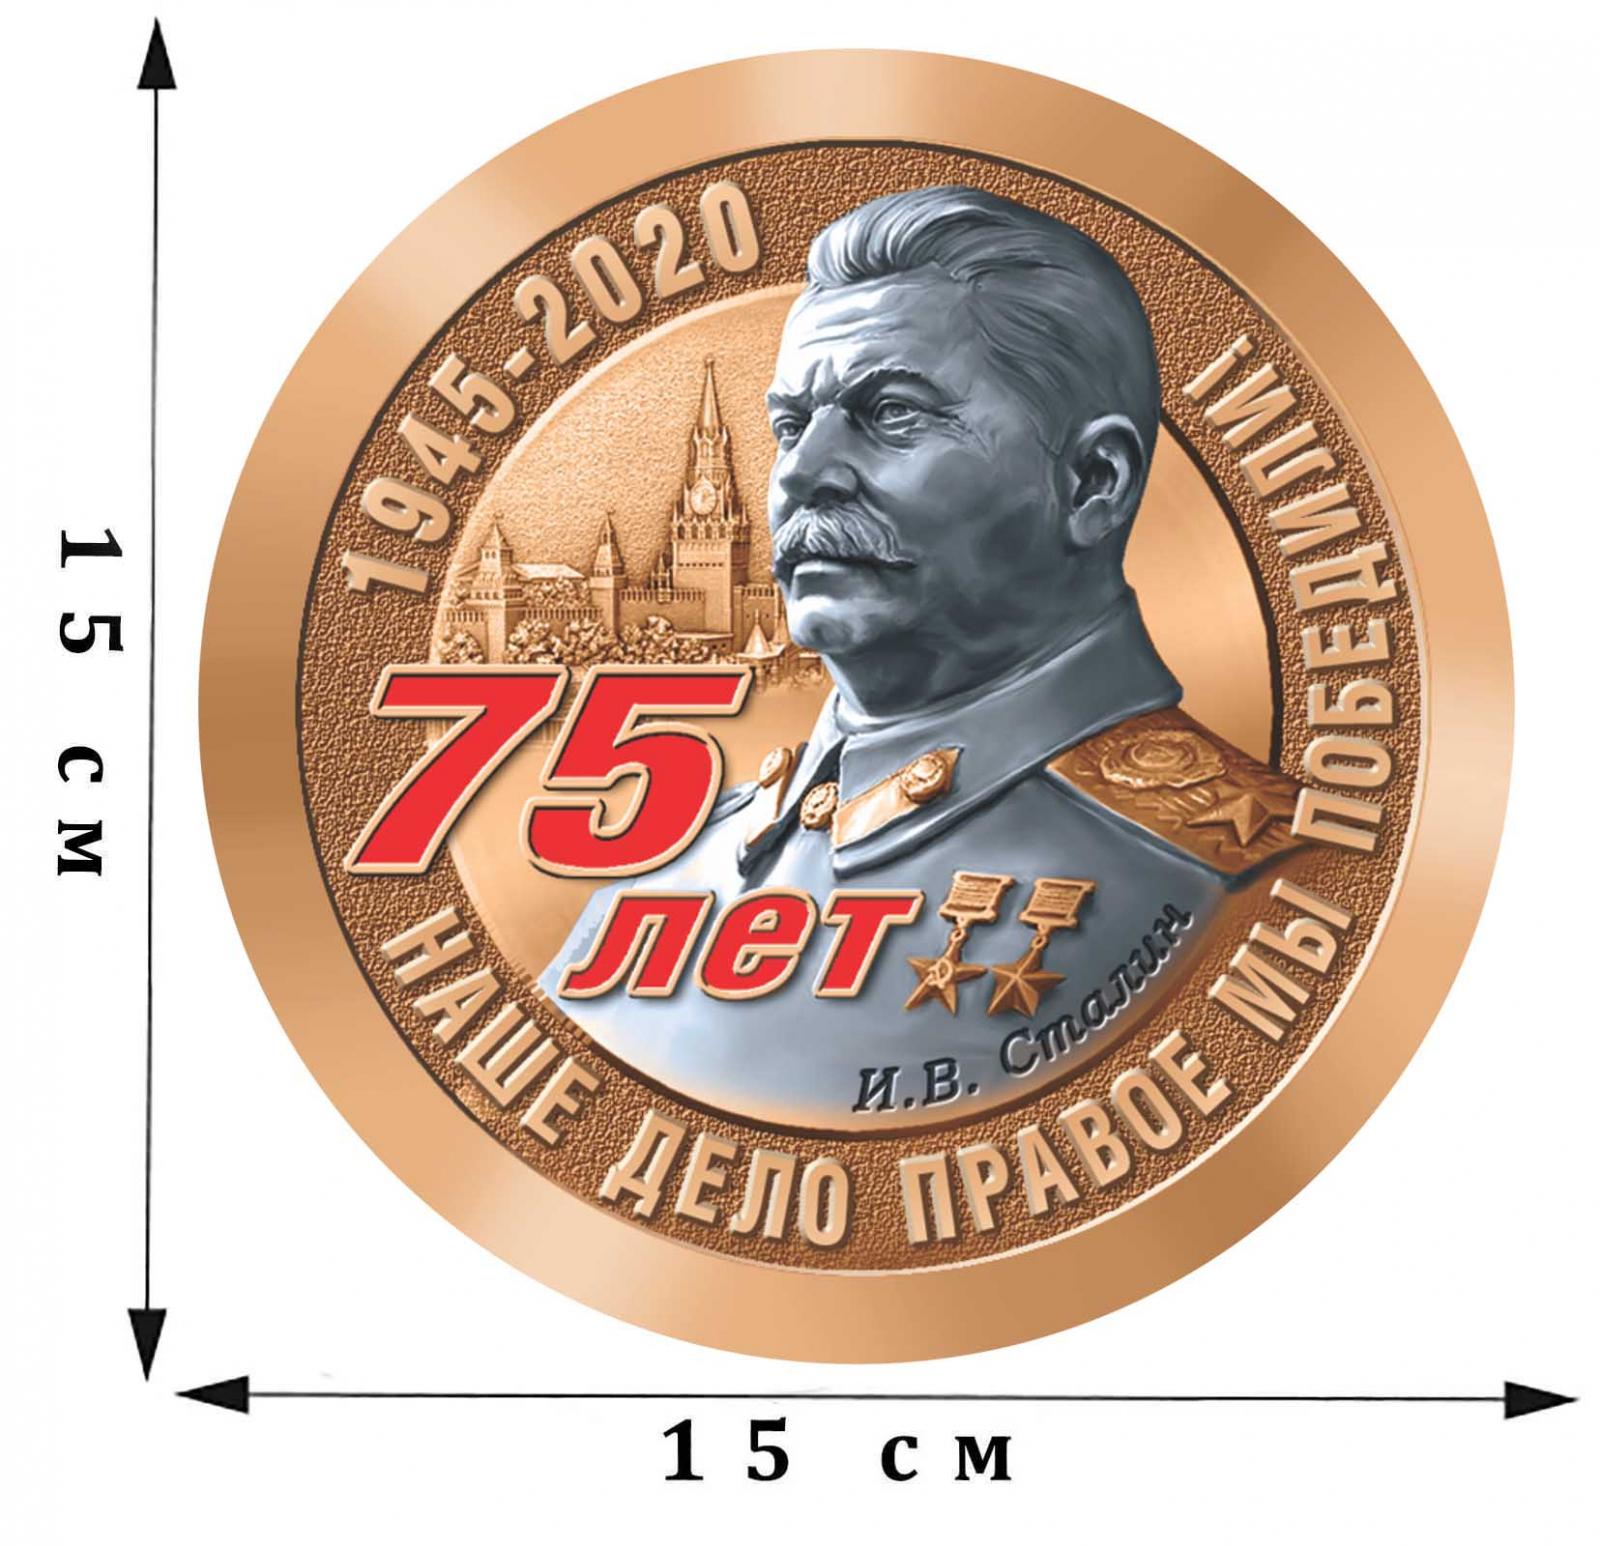 Наклейка на 75 лет Победы «И.В. Сталин. Наше дело правое!»